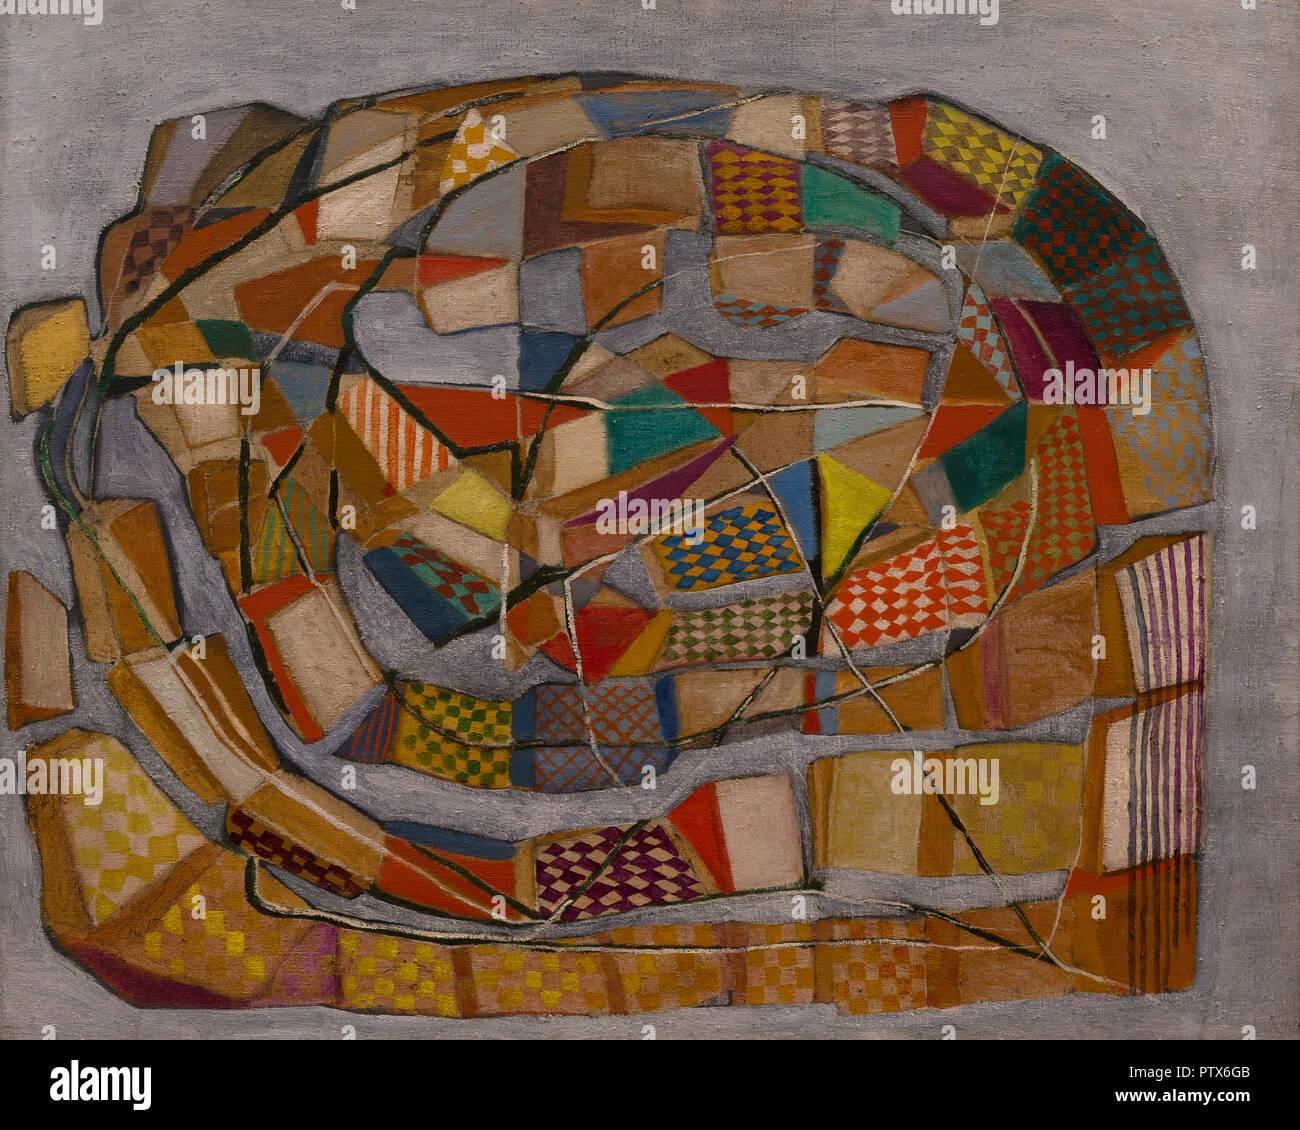 Composition, Maria Helena Vieira da Silva, 1936-1937, Art Institute of Chicago, Chicago, Illinois, USA, Amérique du Nord Photo Stock